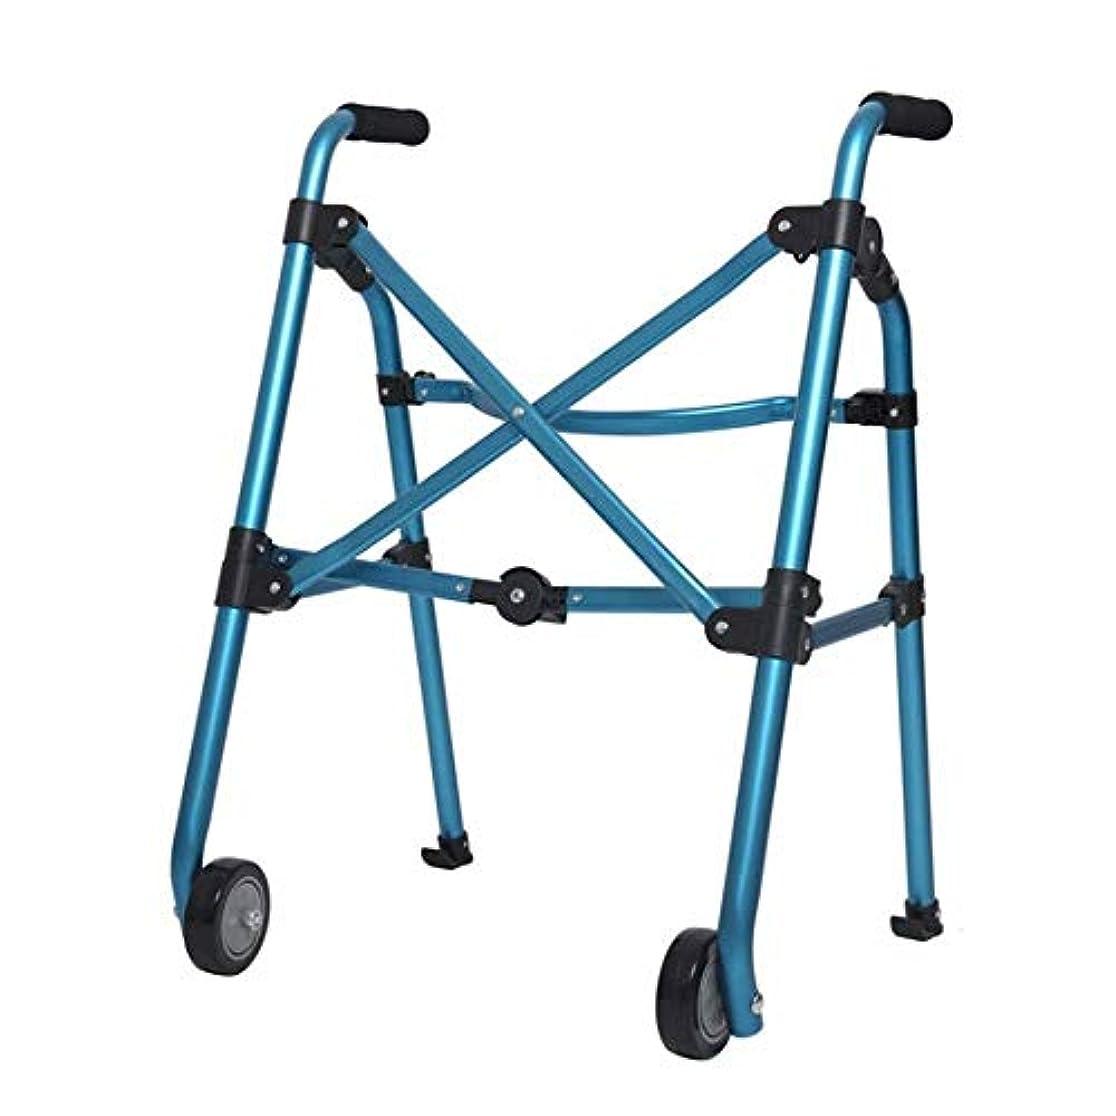 サーバ実り多い検出器二輪歩行フレーム、折りたたみ式古い歩行者高齢者屋外バスルーム使用 (Color : 青)